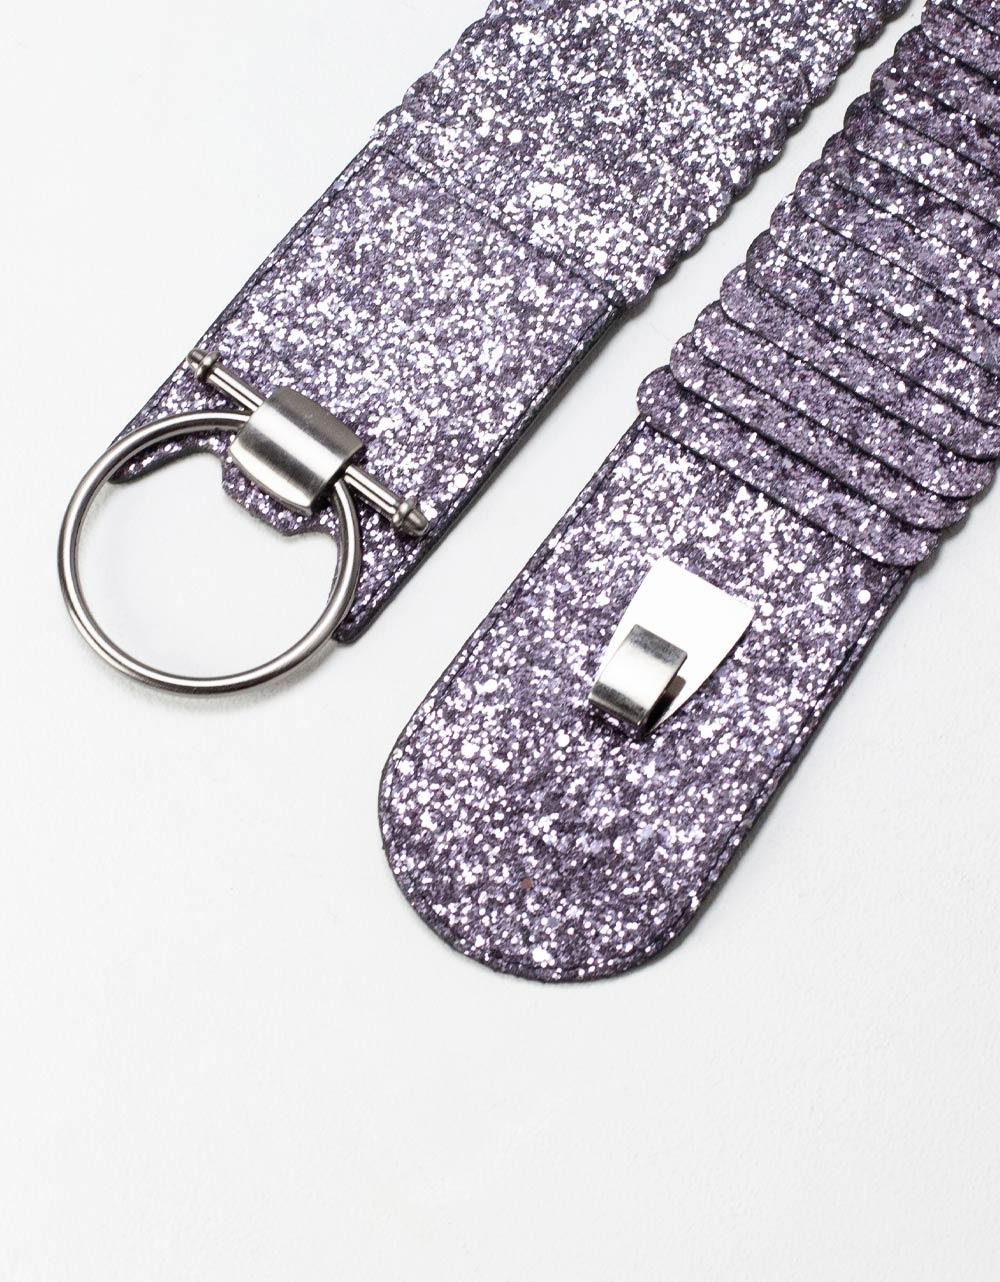 Εικόνα από Γυναικείες ζώνες ελαστικές με glitter Μωβ